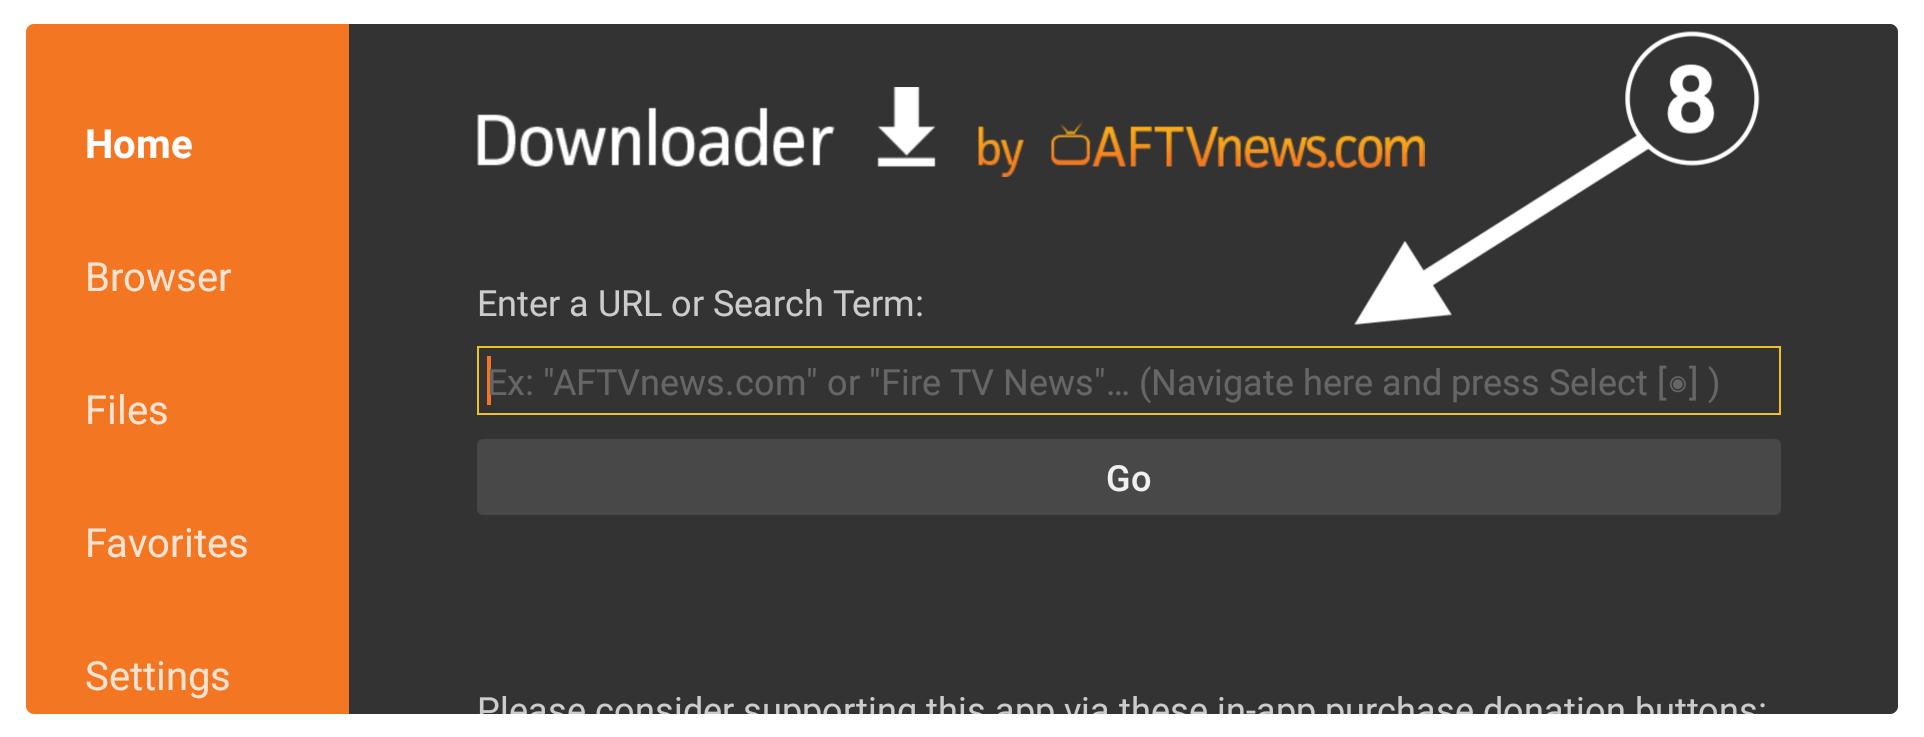 Install-UnlockMyTV-On-Amazon-Fire-Stick